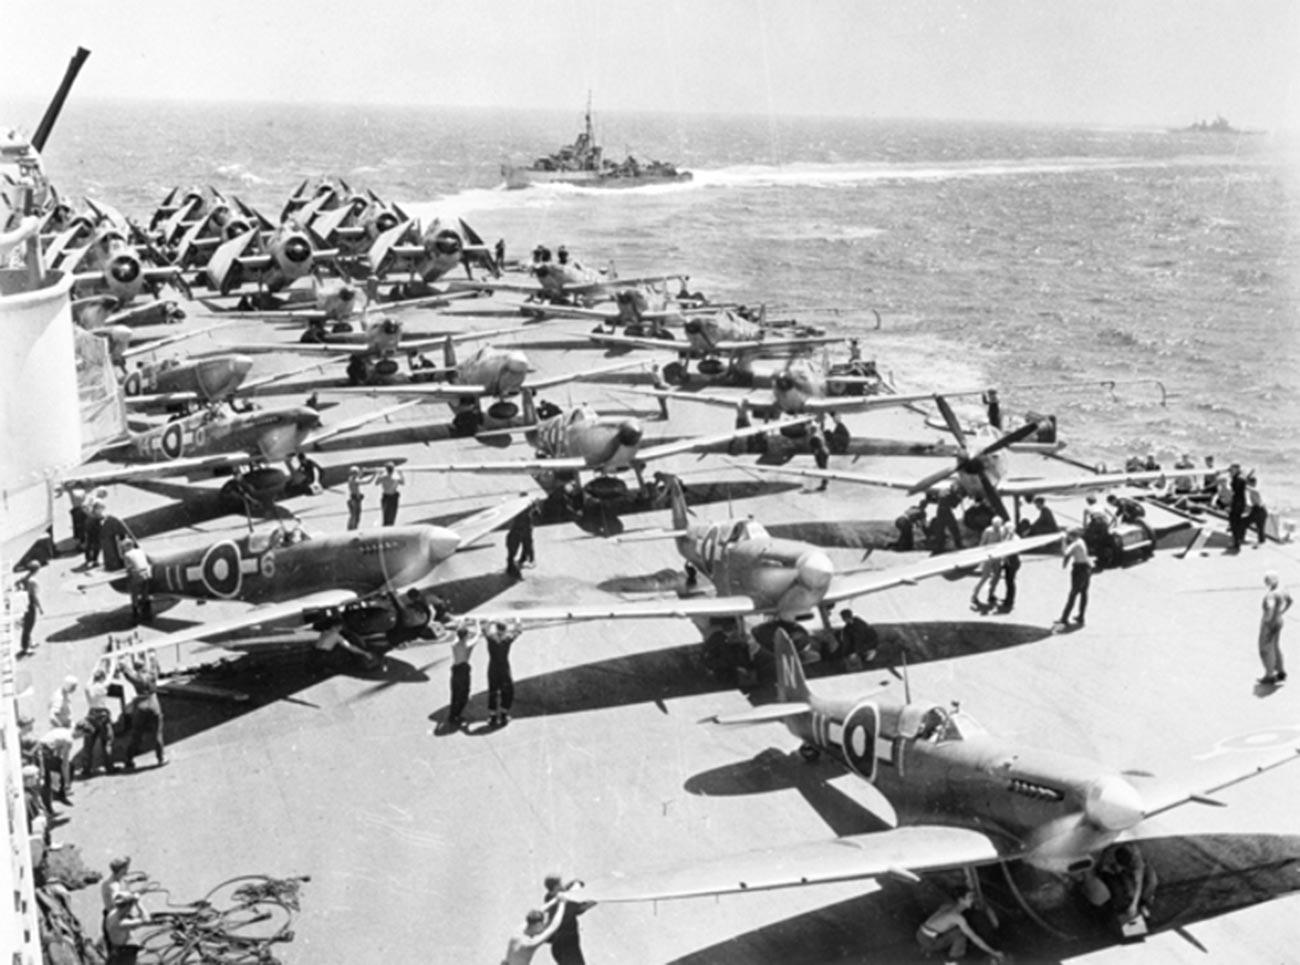 Авиони на палуби носача авиона Implacable.